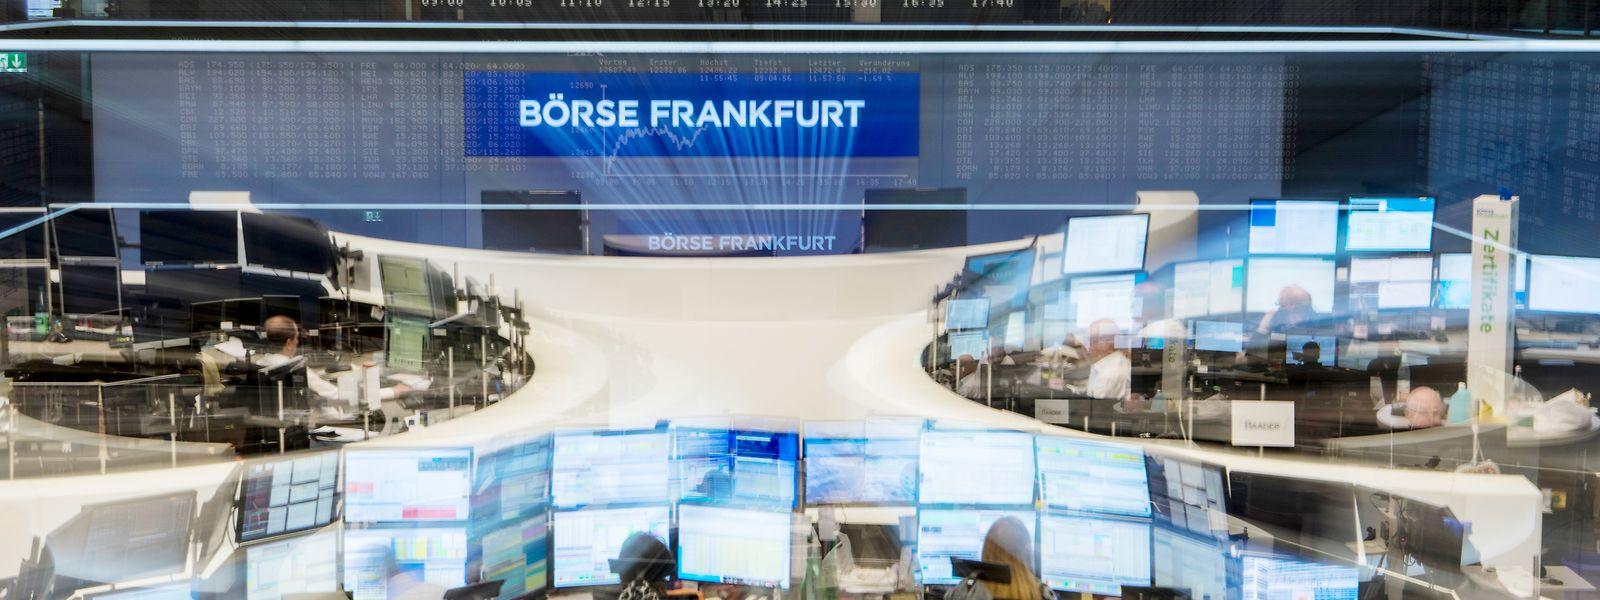 Drei Spacs aus Luxemburg sind jetzt and er Frankfurter Börse. Innerhalb von 24 Monaten müssen sie ein Unternehmen zum Erwerb finden. Nach Abschluss dieser Transaktion ist so ein zuvor nicht börsennotiertes Unternehmen an die Börse gebracht worden.